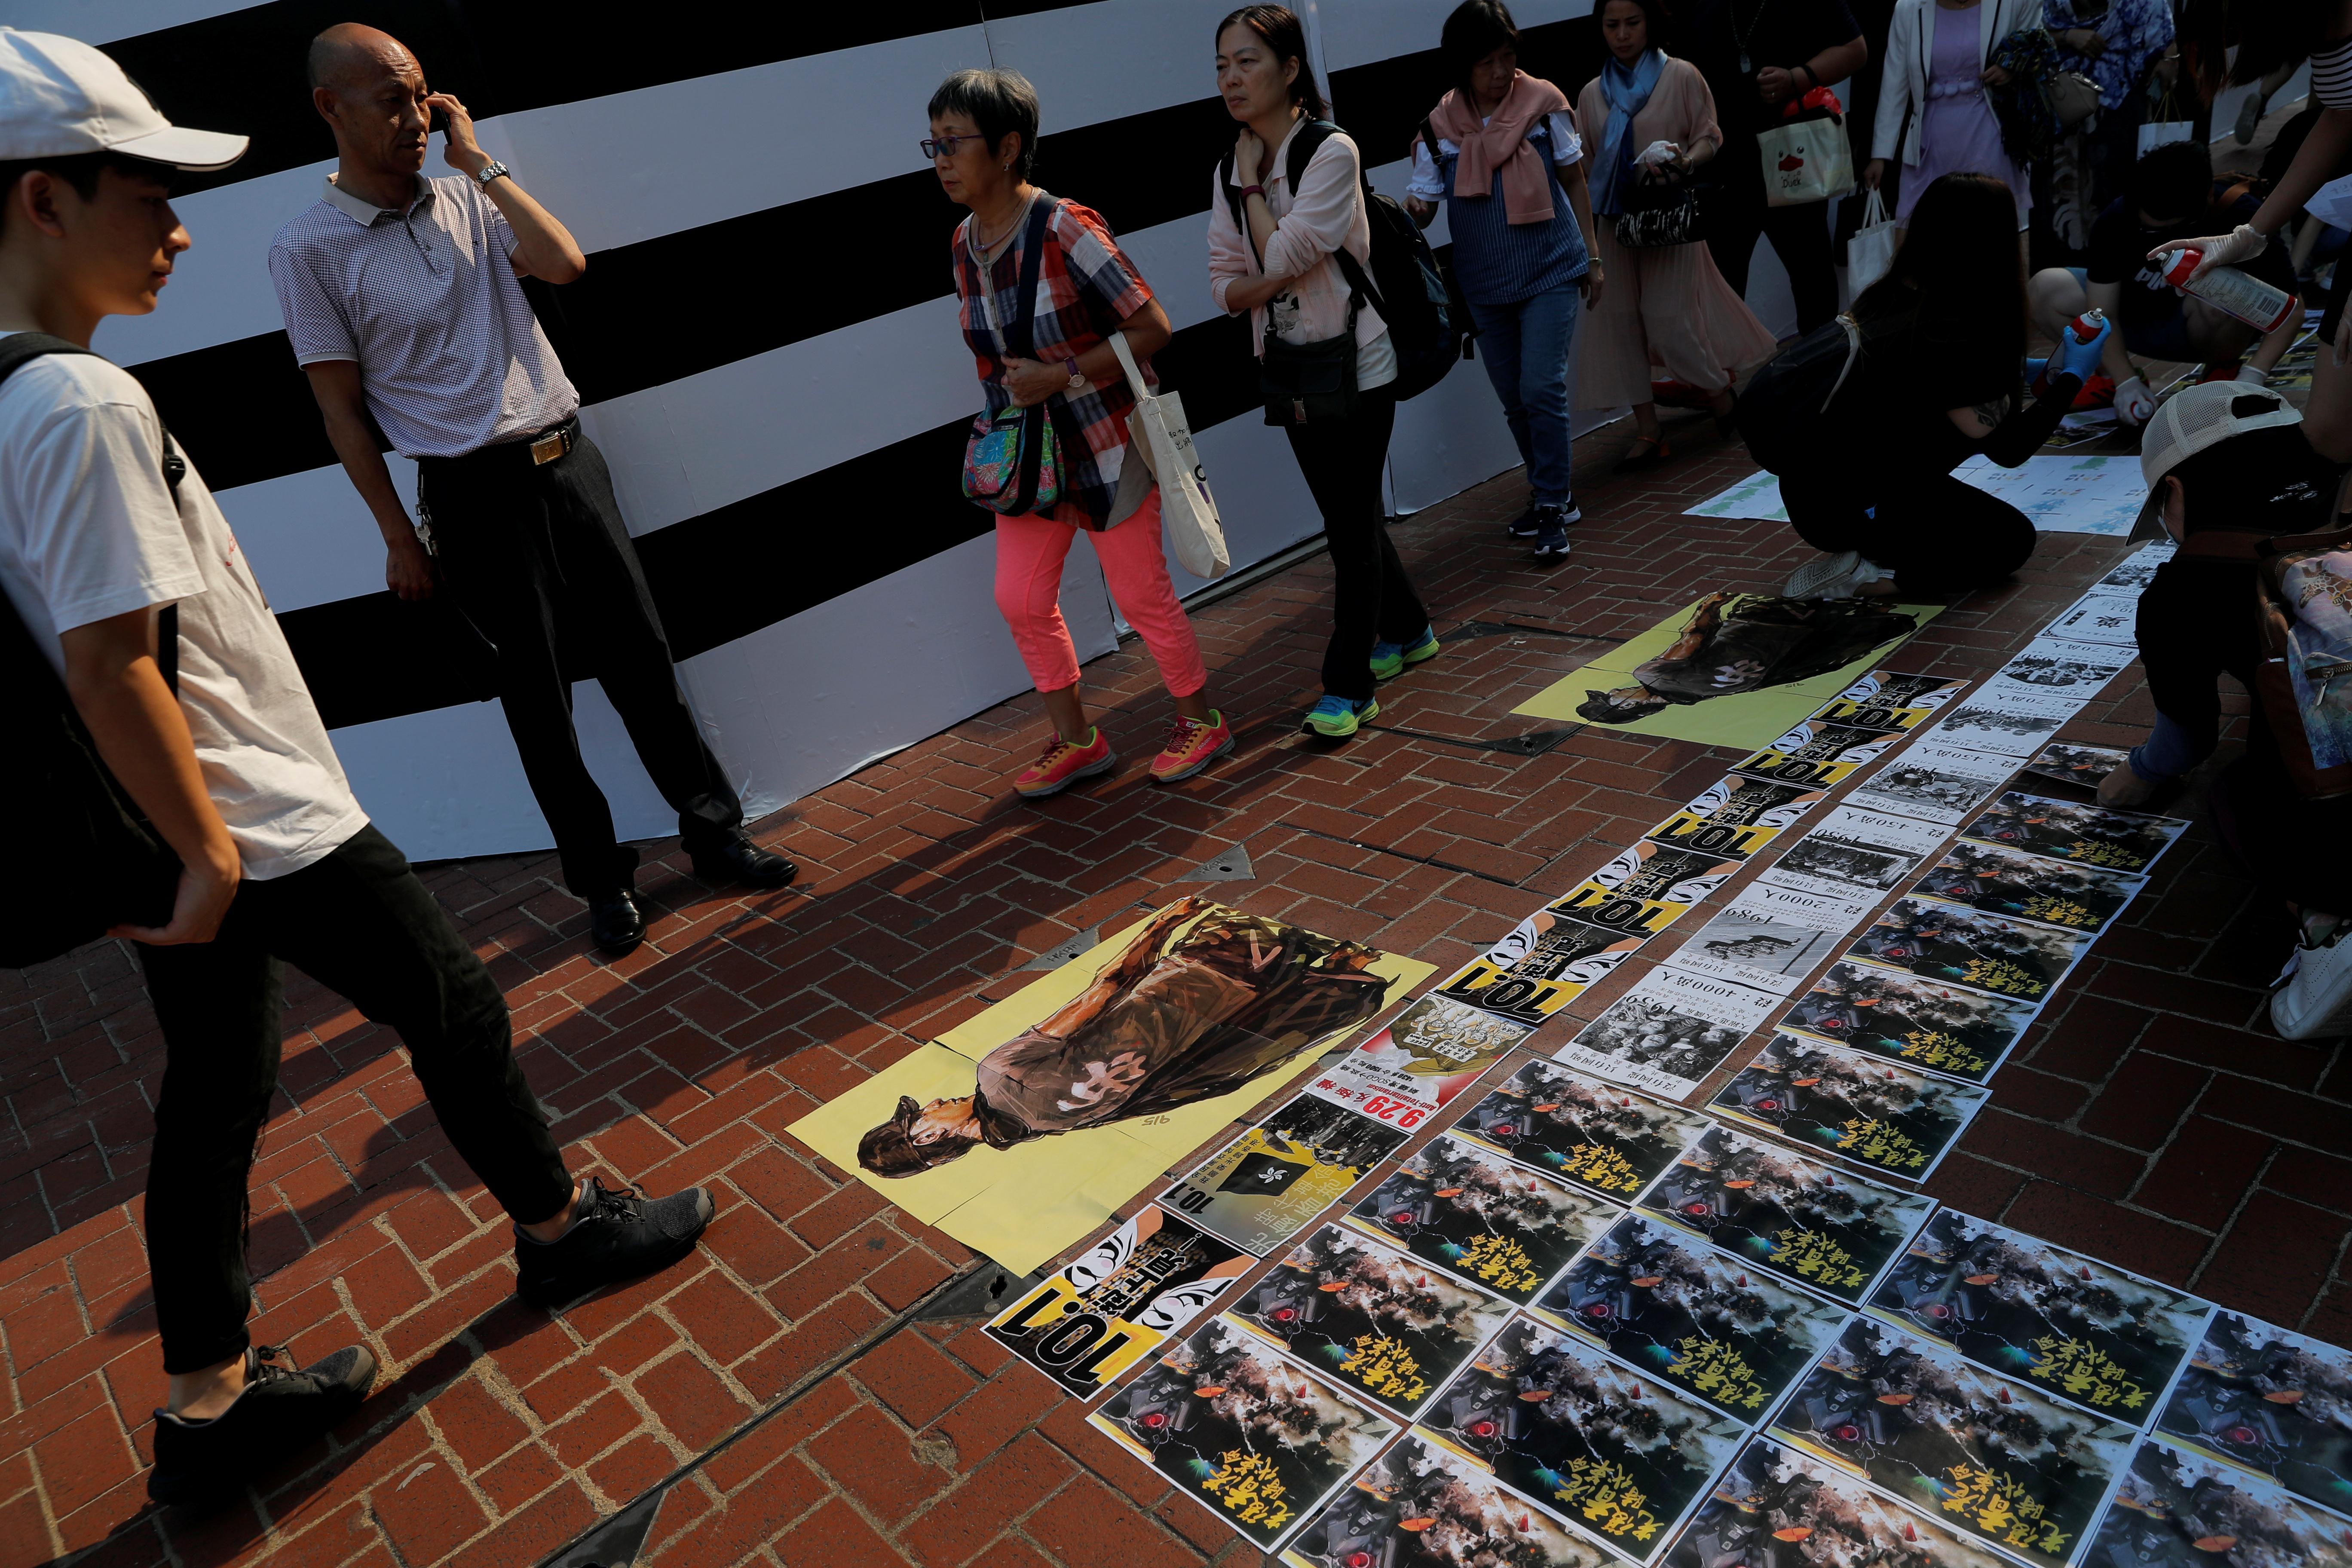 Les manifestants de Hong Kong reconstruisent les murs de Lennon avant la fête nationale chinoise